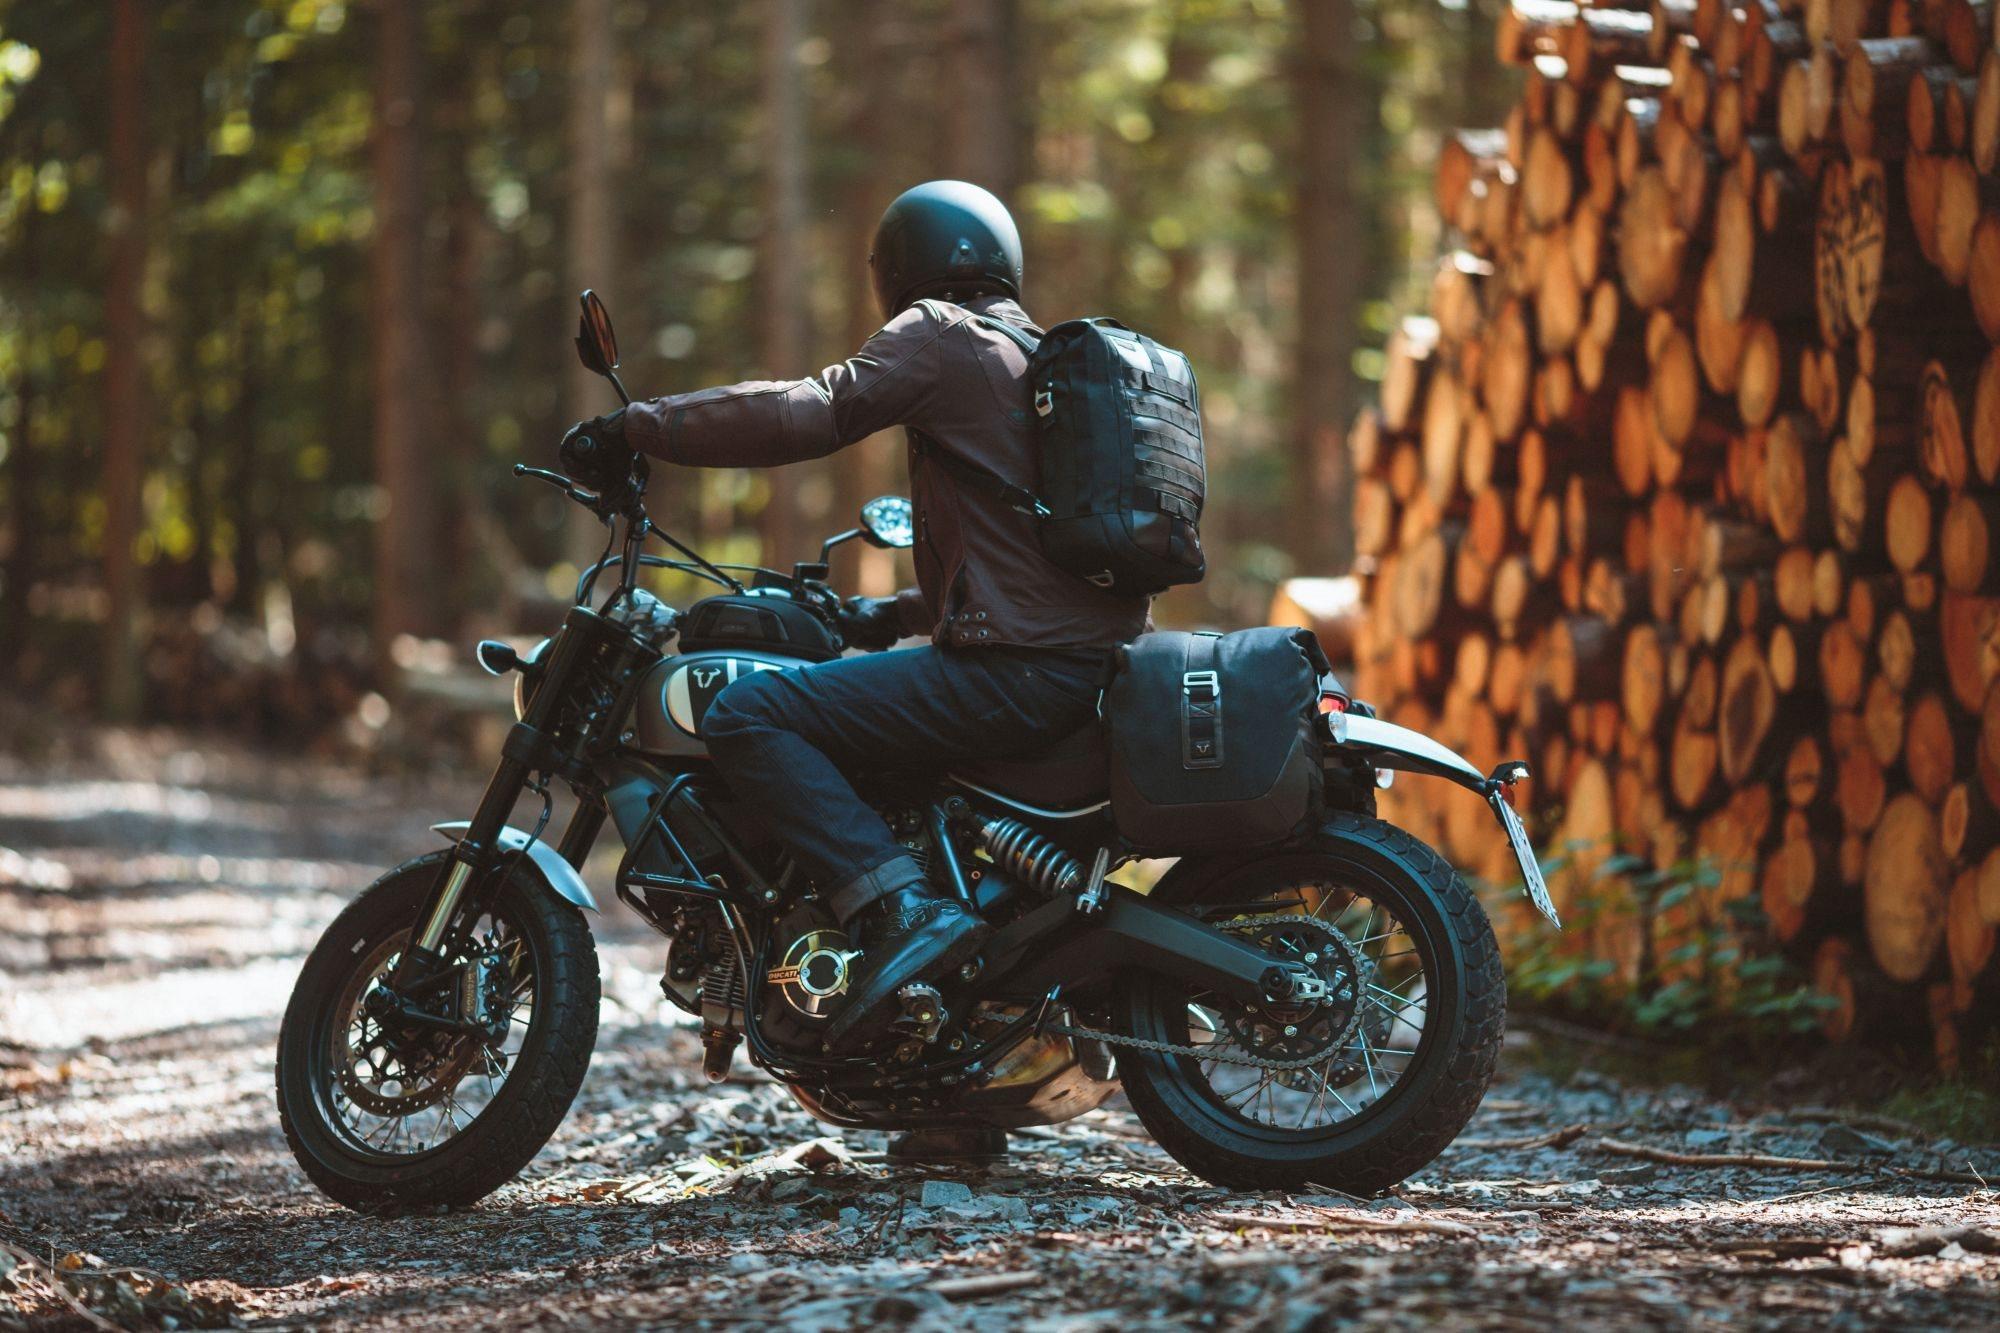 Ducati Scrambler Riding Gear